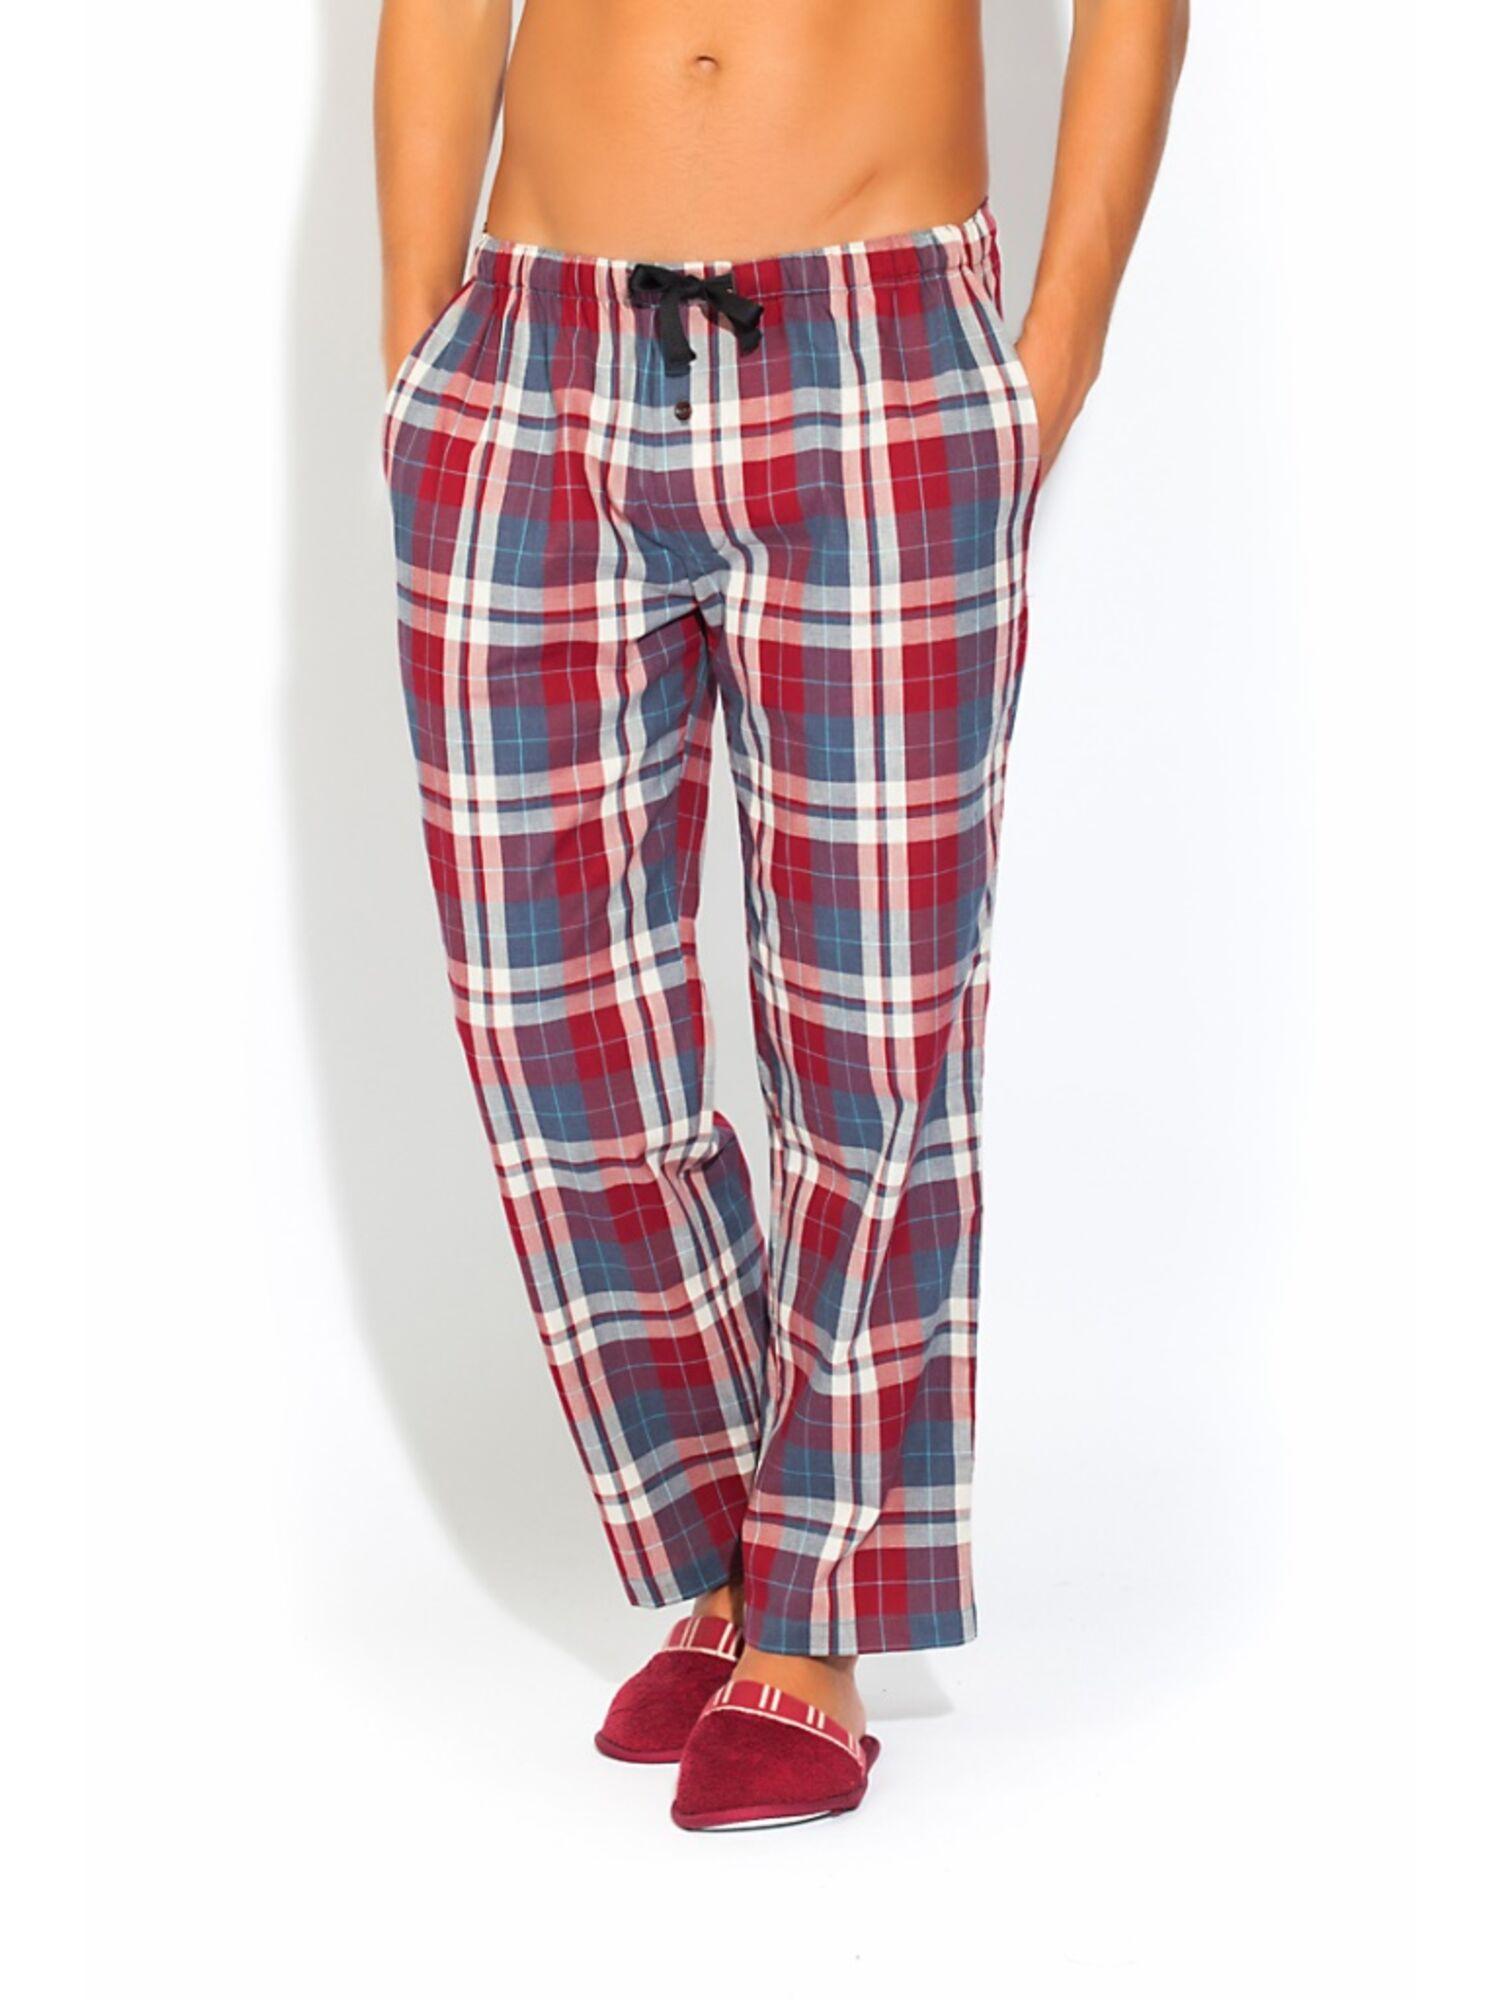 Мужские хлопковые брюки 002 VIKING 527 бордовая клетка, Peche Monnaie (Россия)